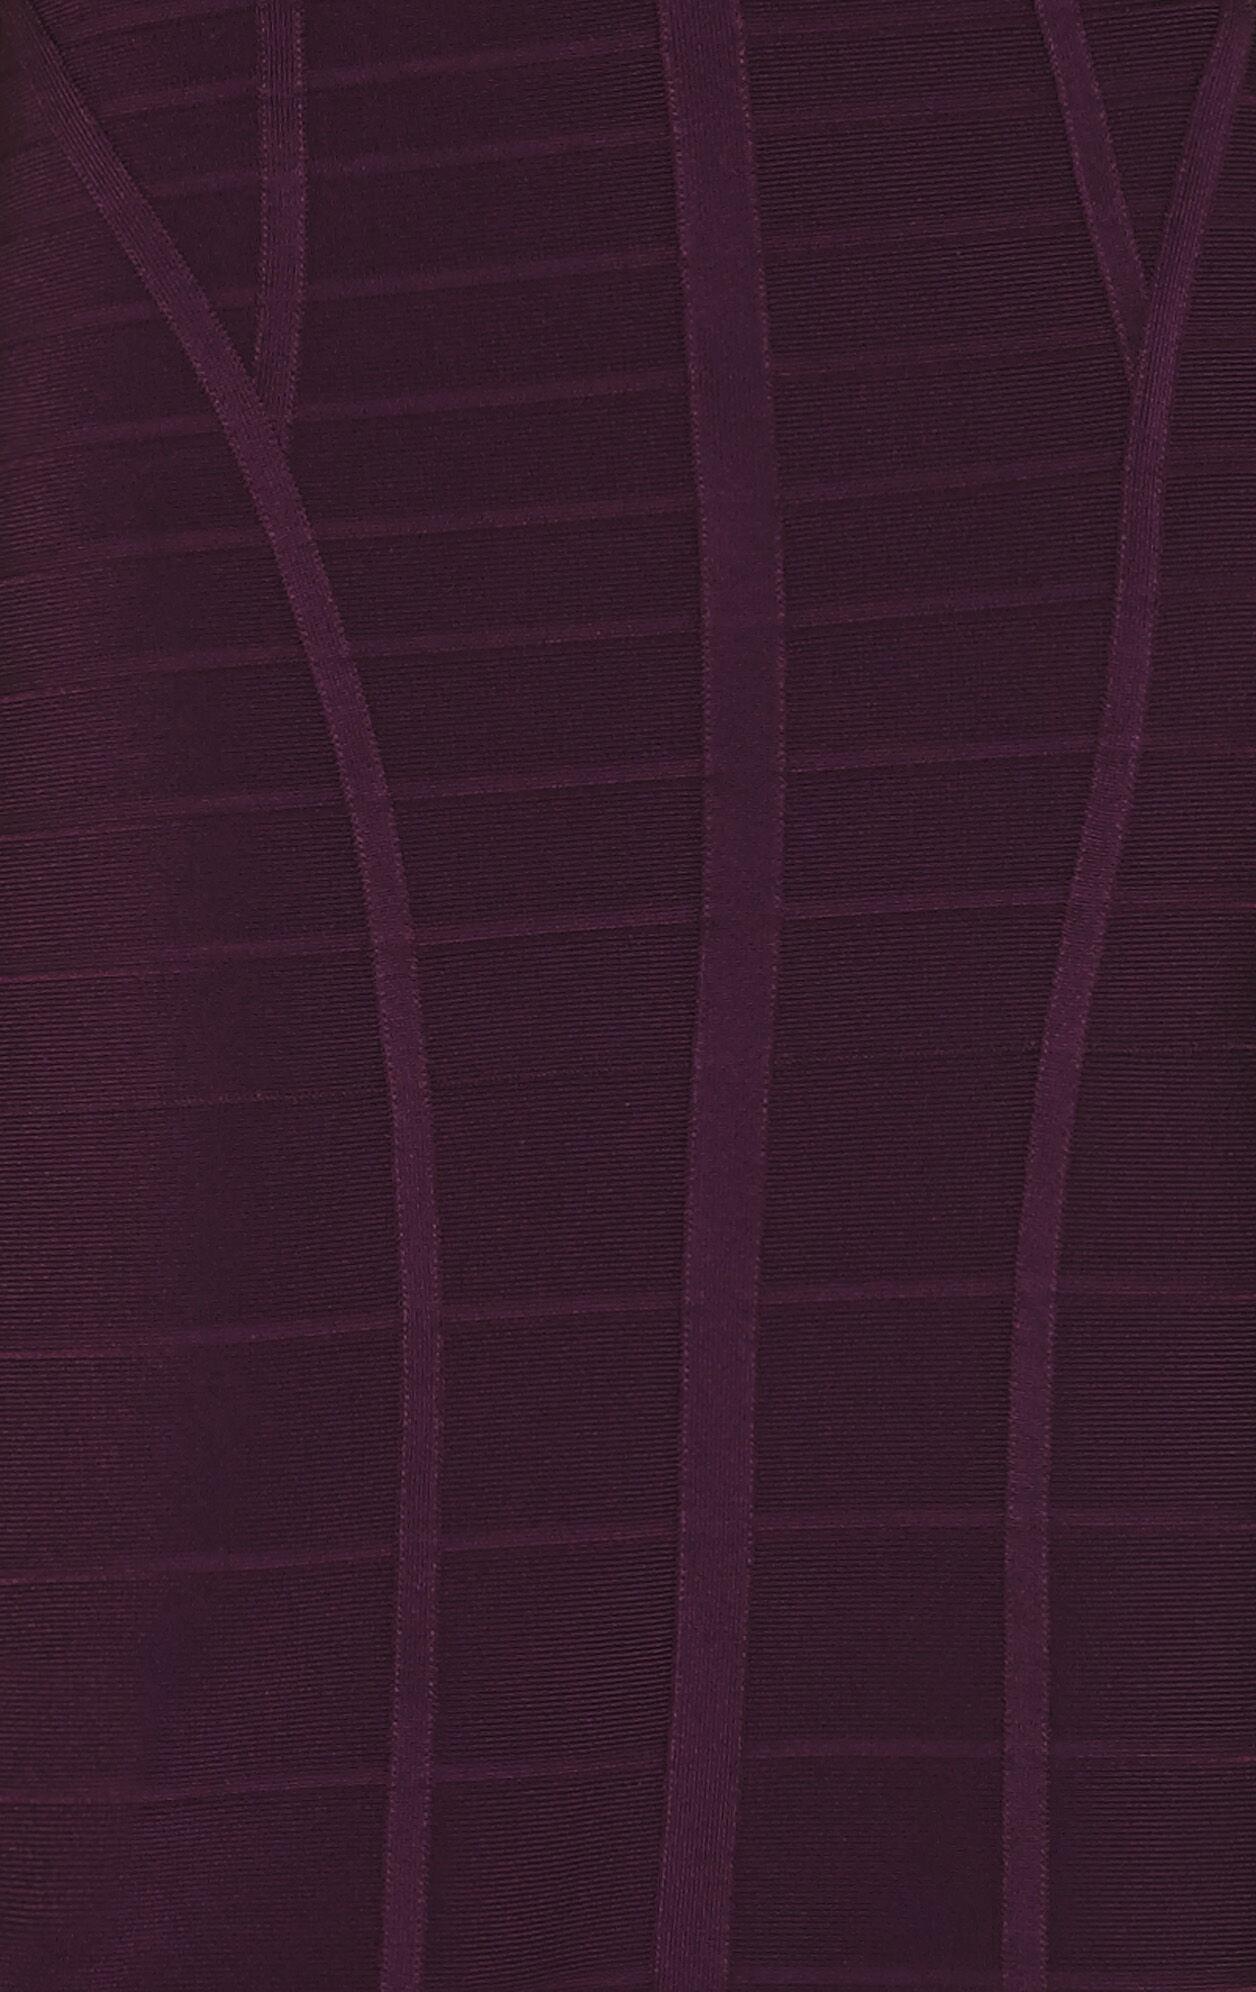 Alenis Signature Cutout Bandage Gown